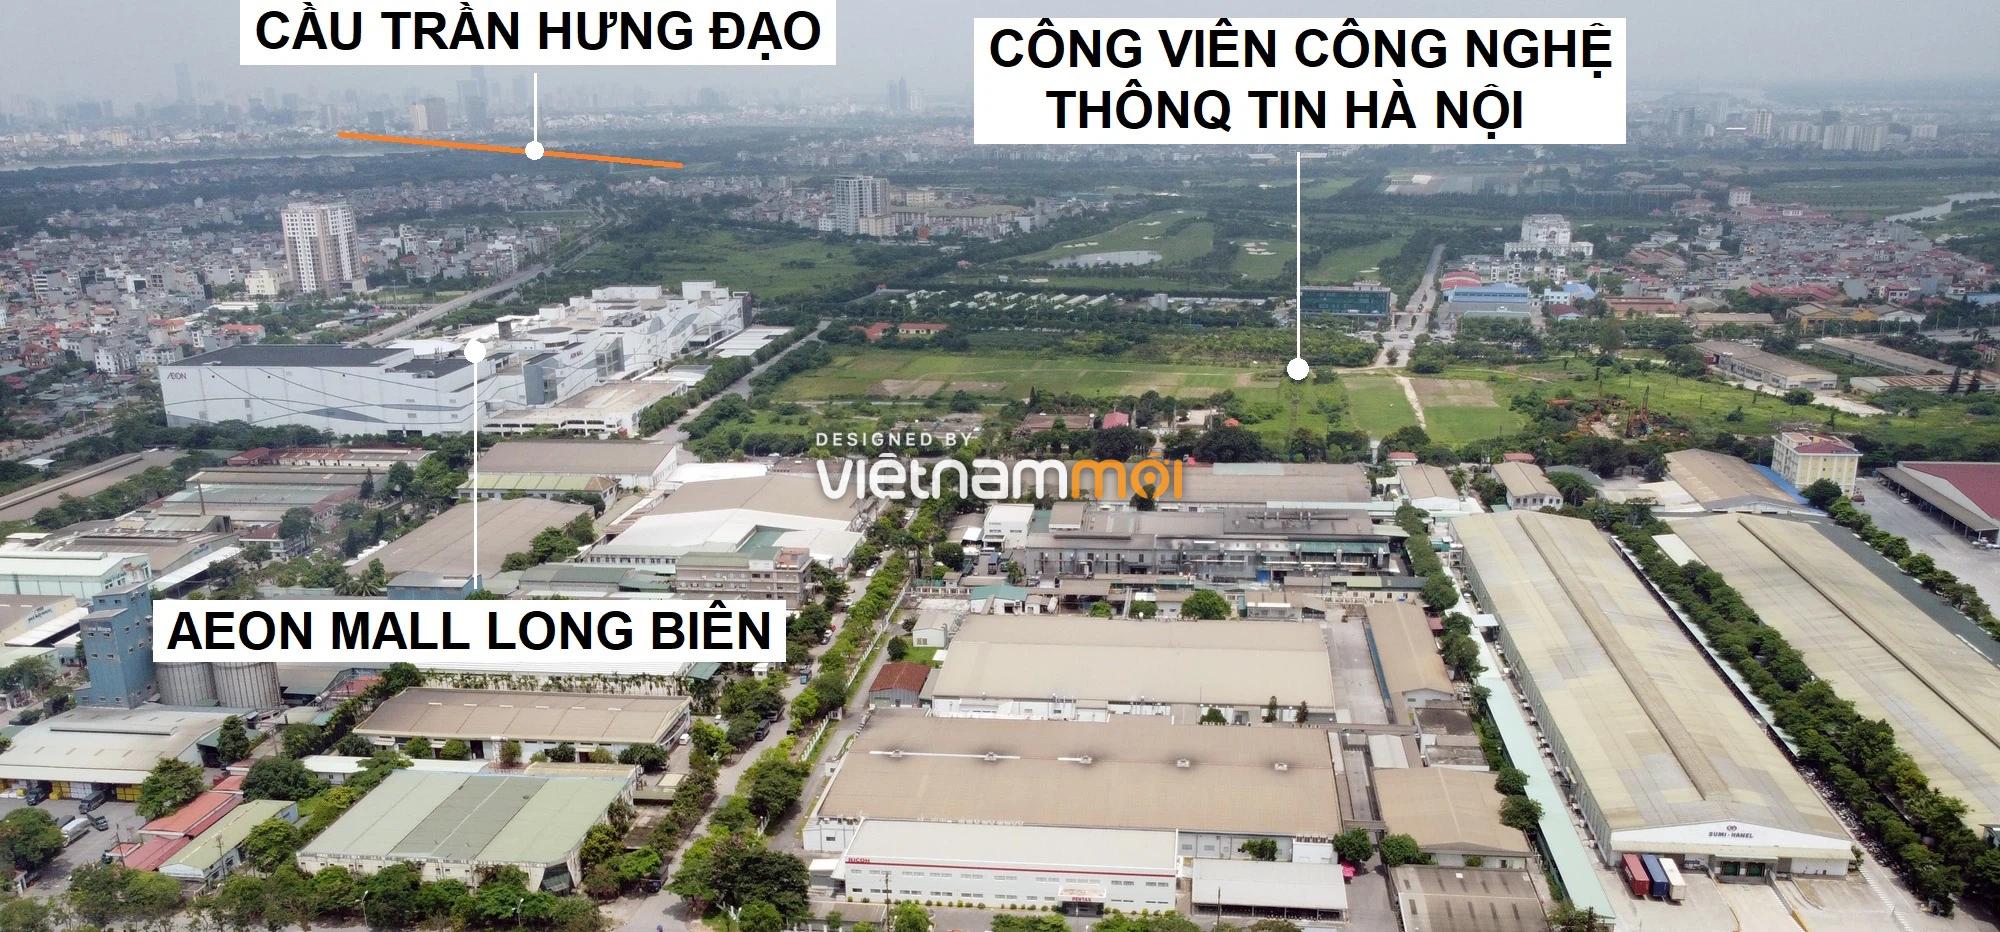 Toàn cảnh các dự án của Him Lam được hưởng lợi từ cầu Trần Hưng Đạo - Ảnh 7.